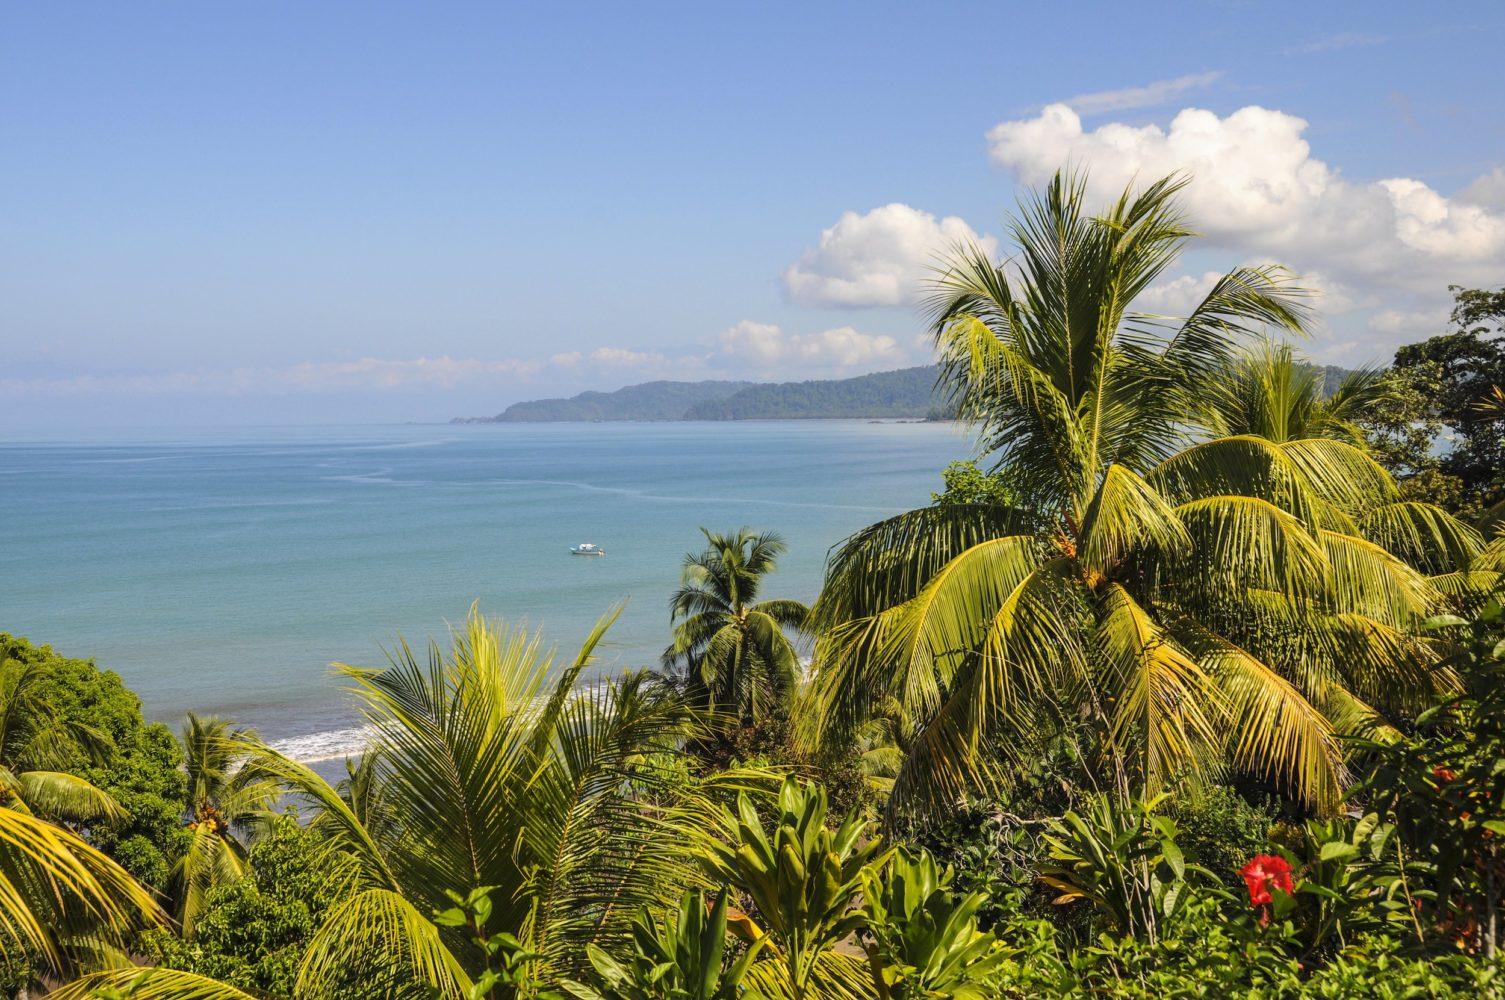 Finding the Unbeaten Path in Costa Rica